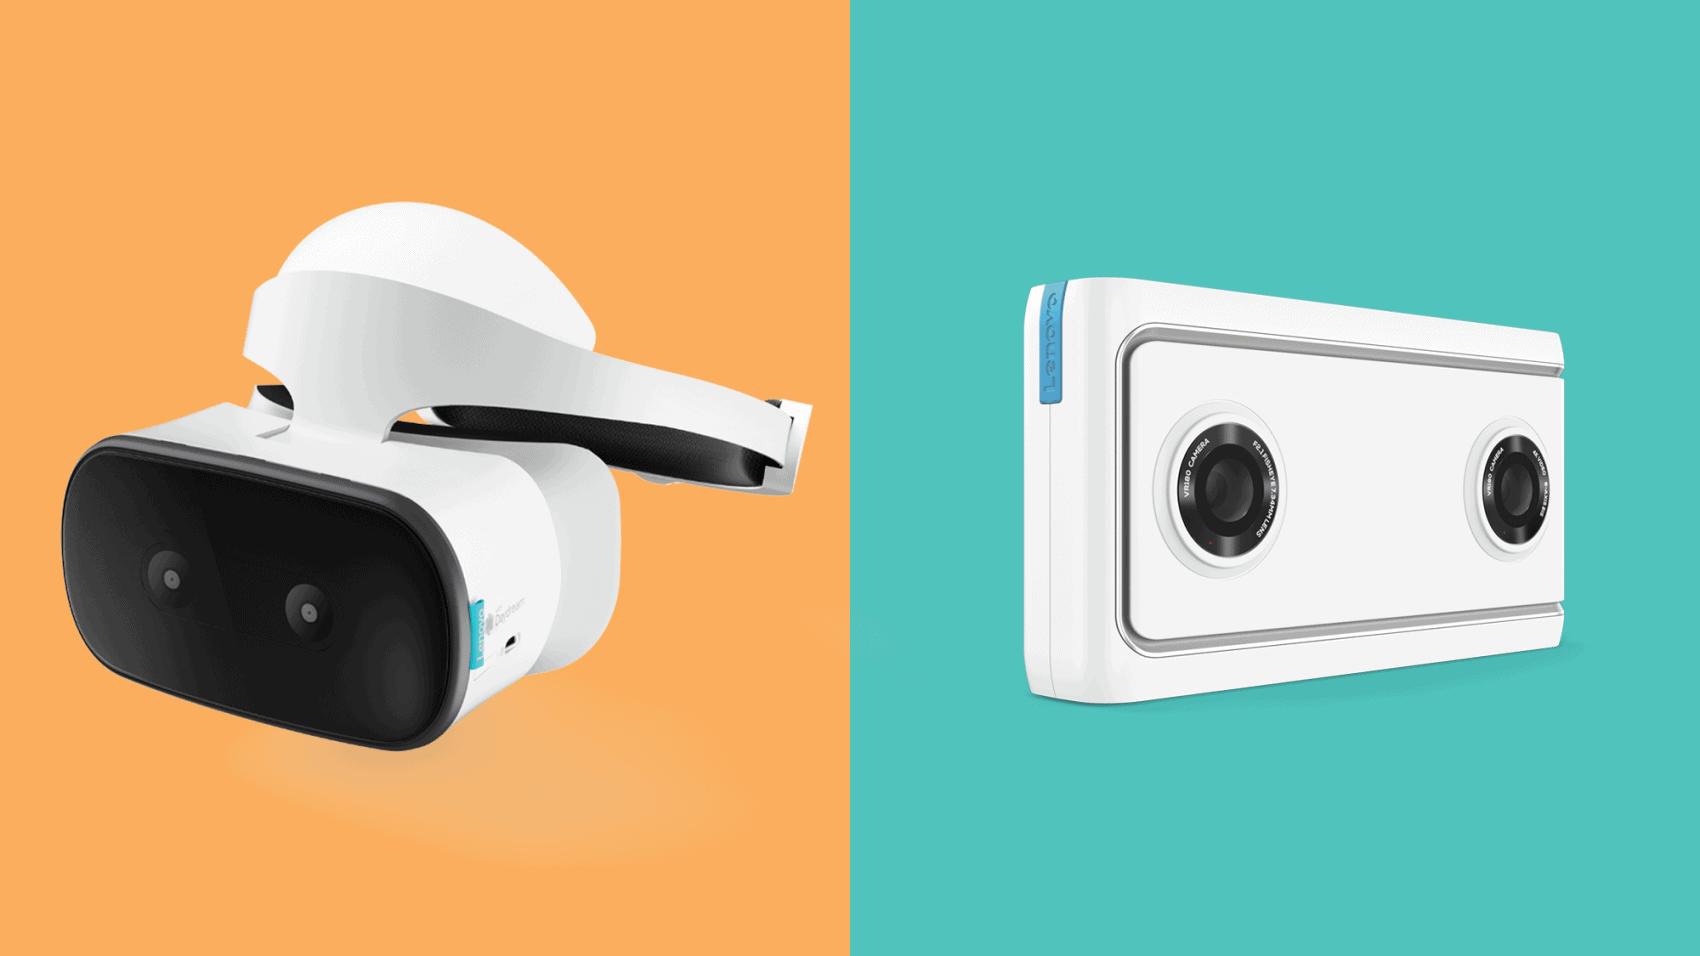 كاميرا ستتيح لك العودة بالزمن إلى الوراء وإعادة شريط ذكرياتك